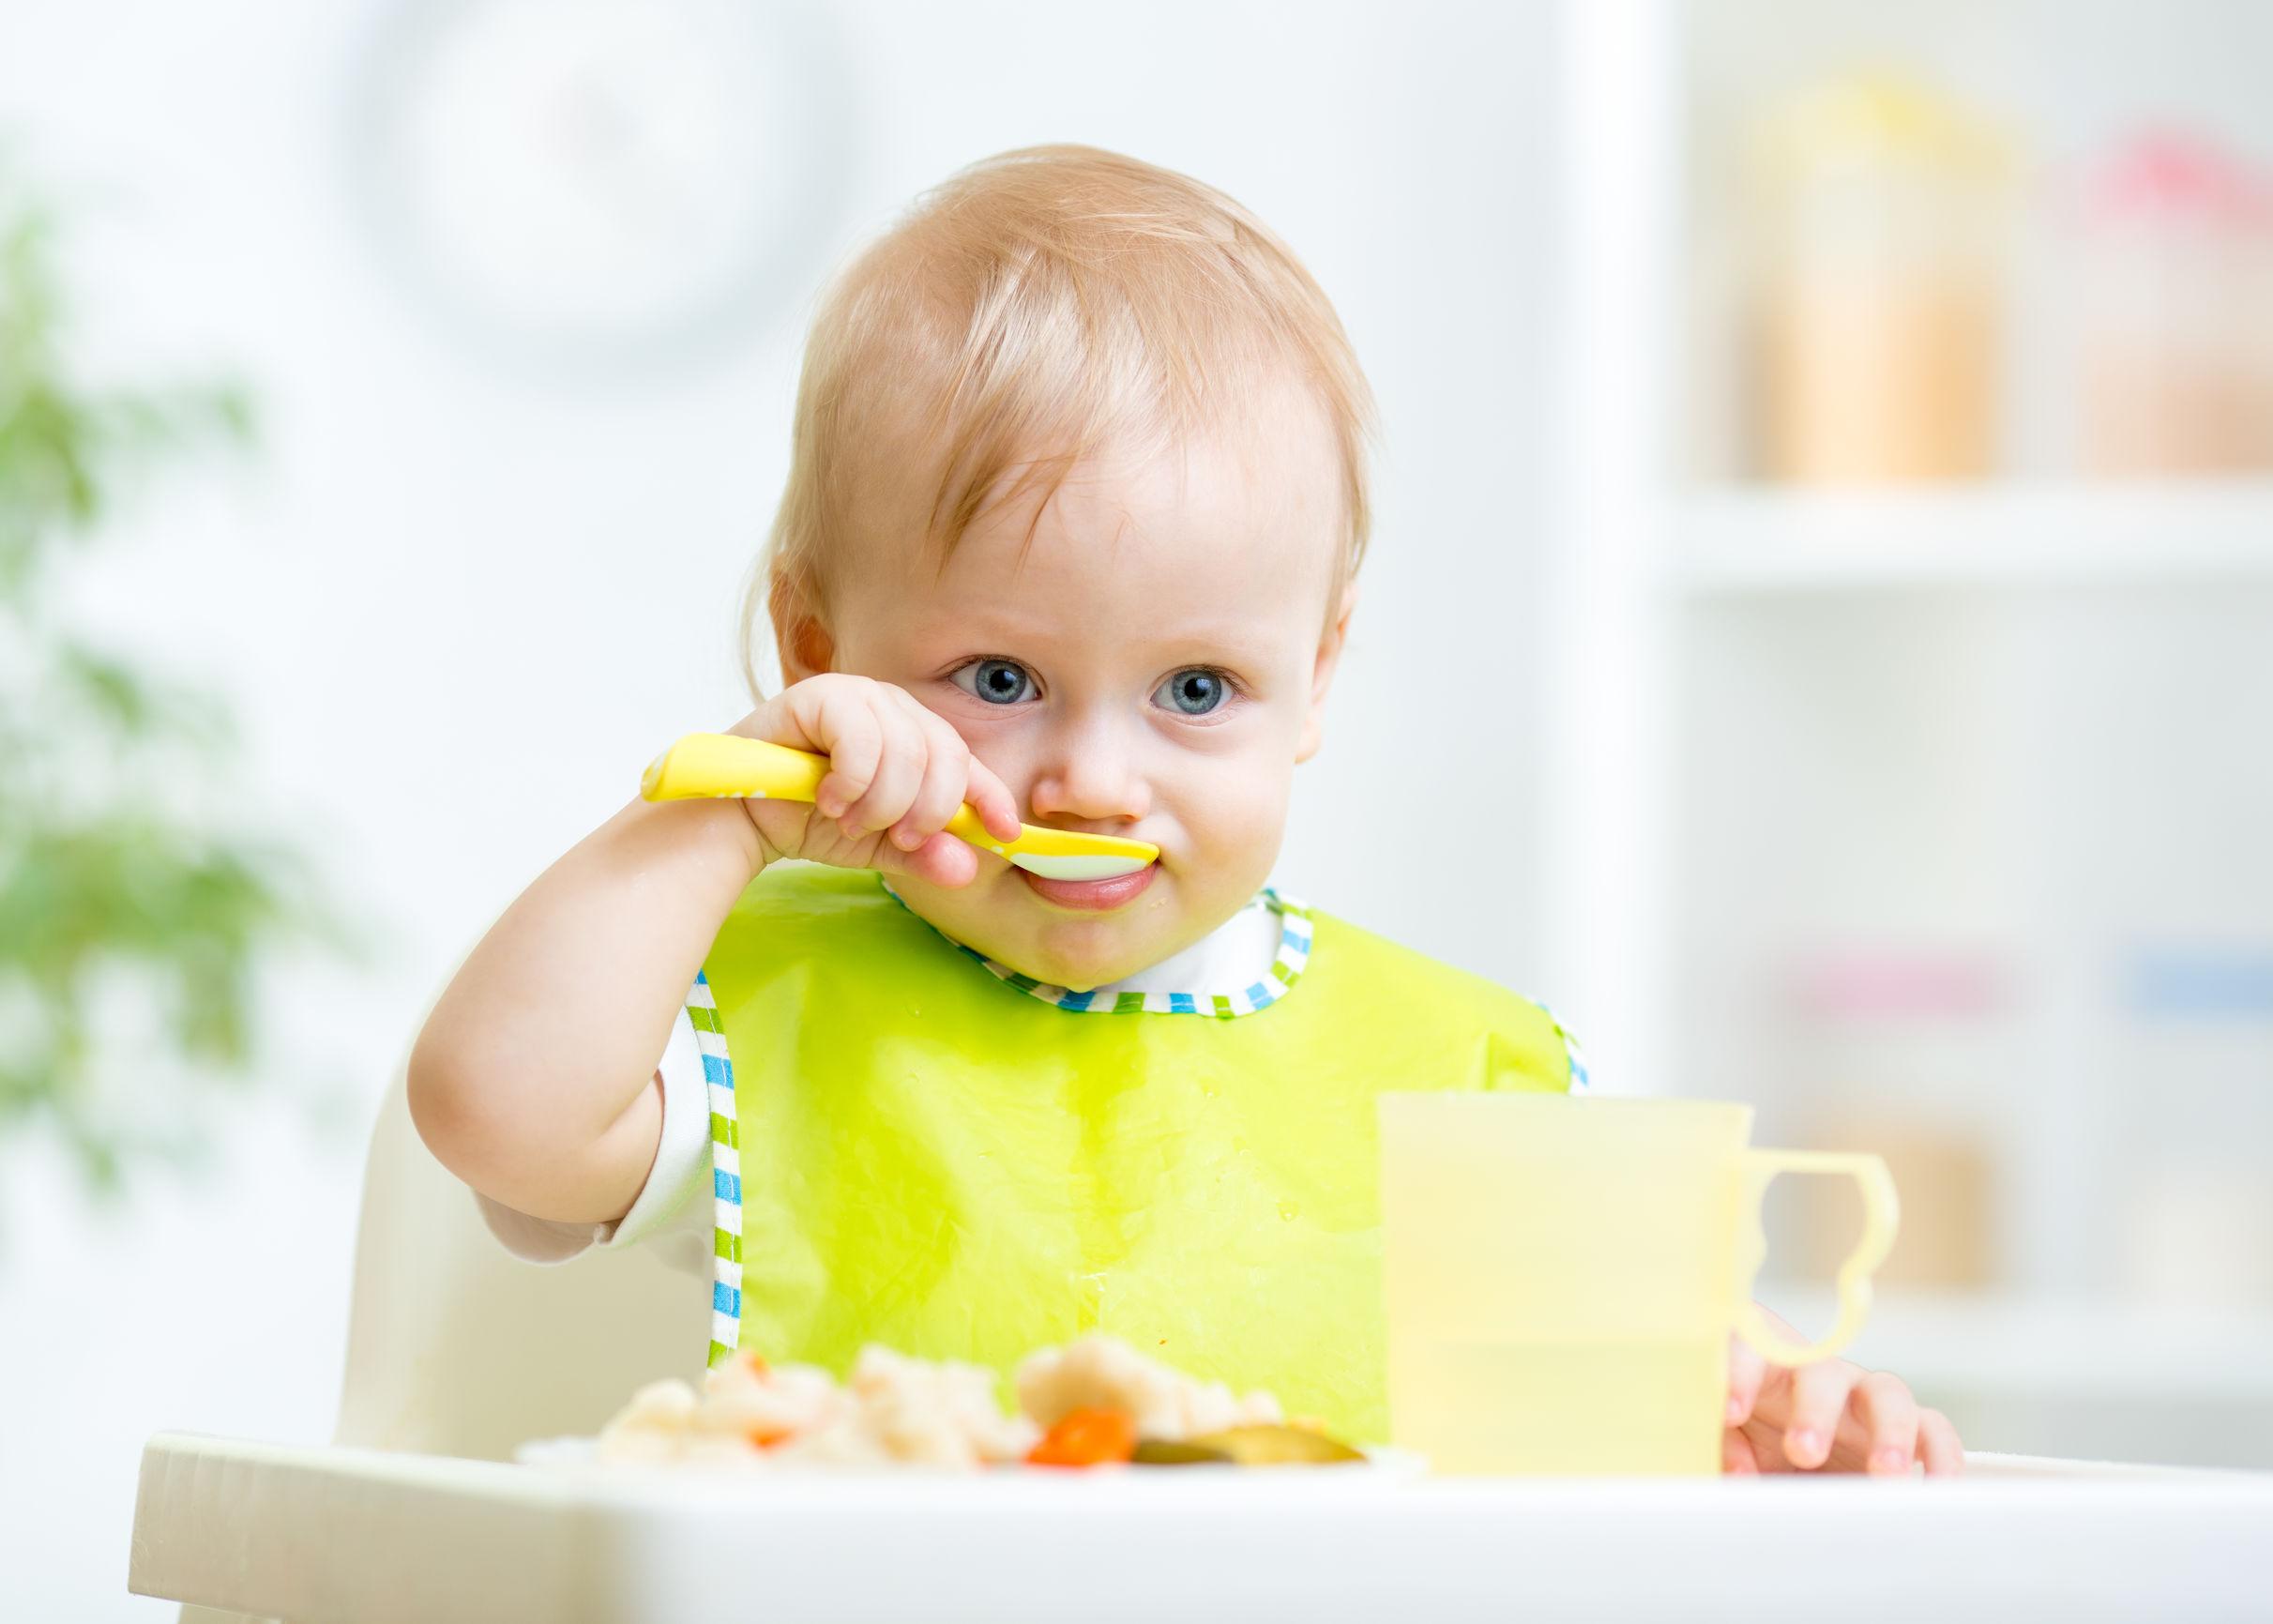 Прикольные картинки детское питание, геленджик дача волочковой